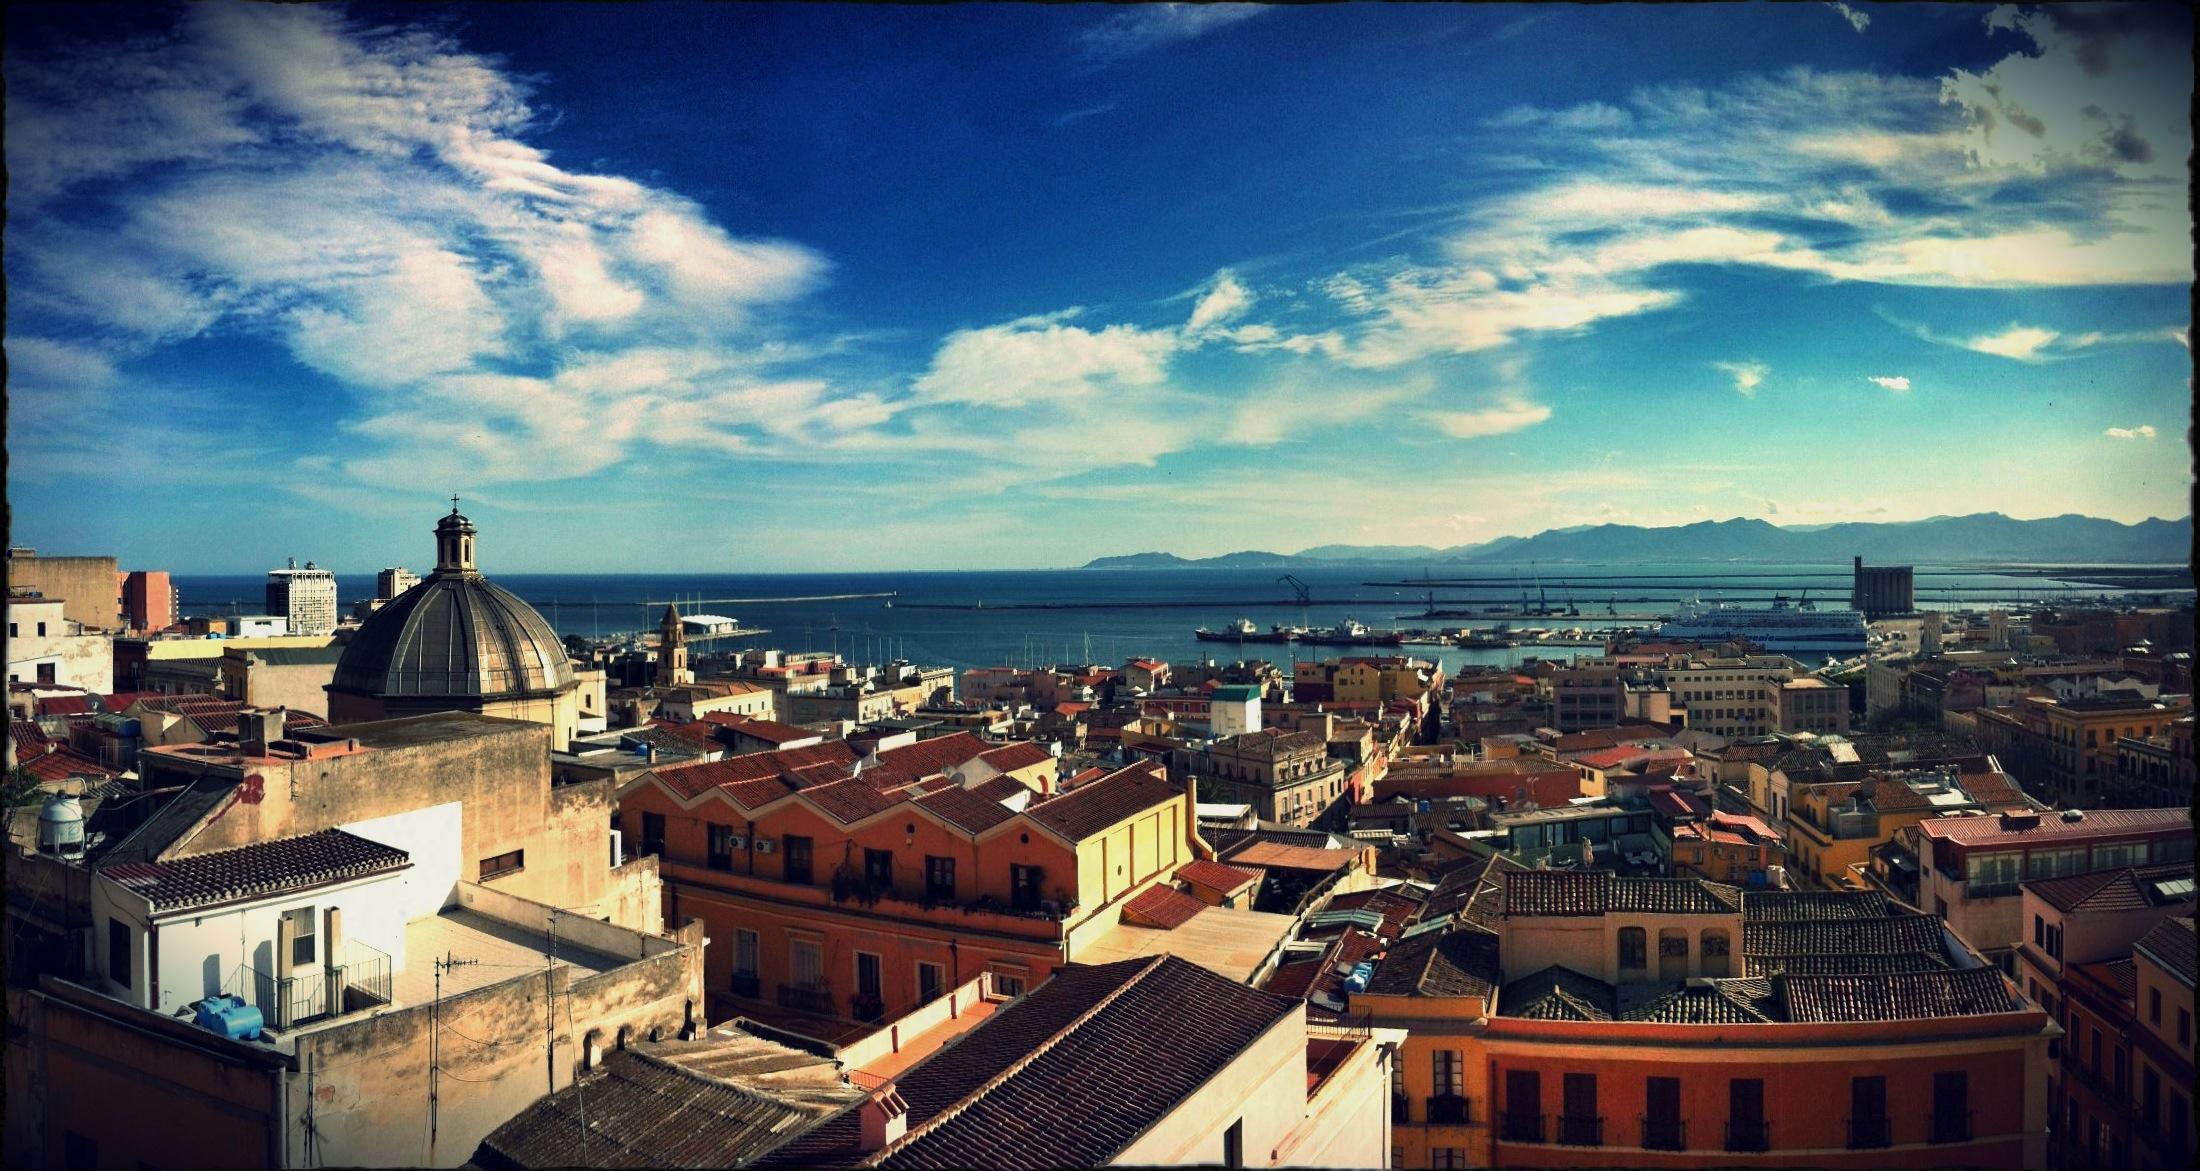 Cagliari città capitale - Il Manifesto SardoIl Manifesto Sardo